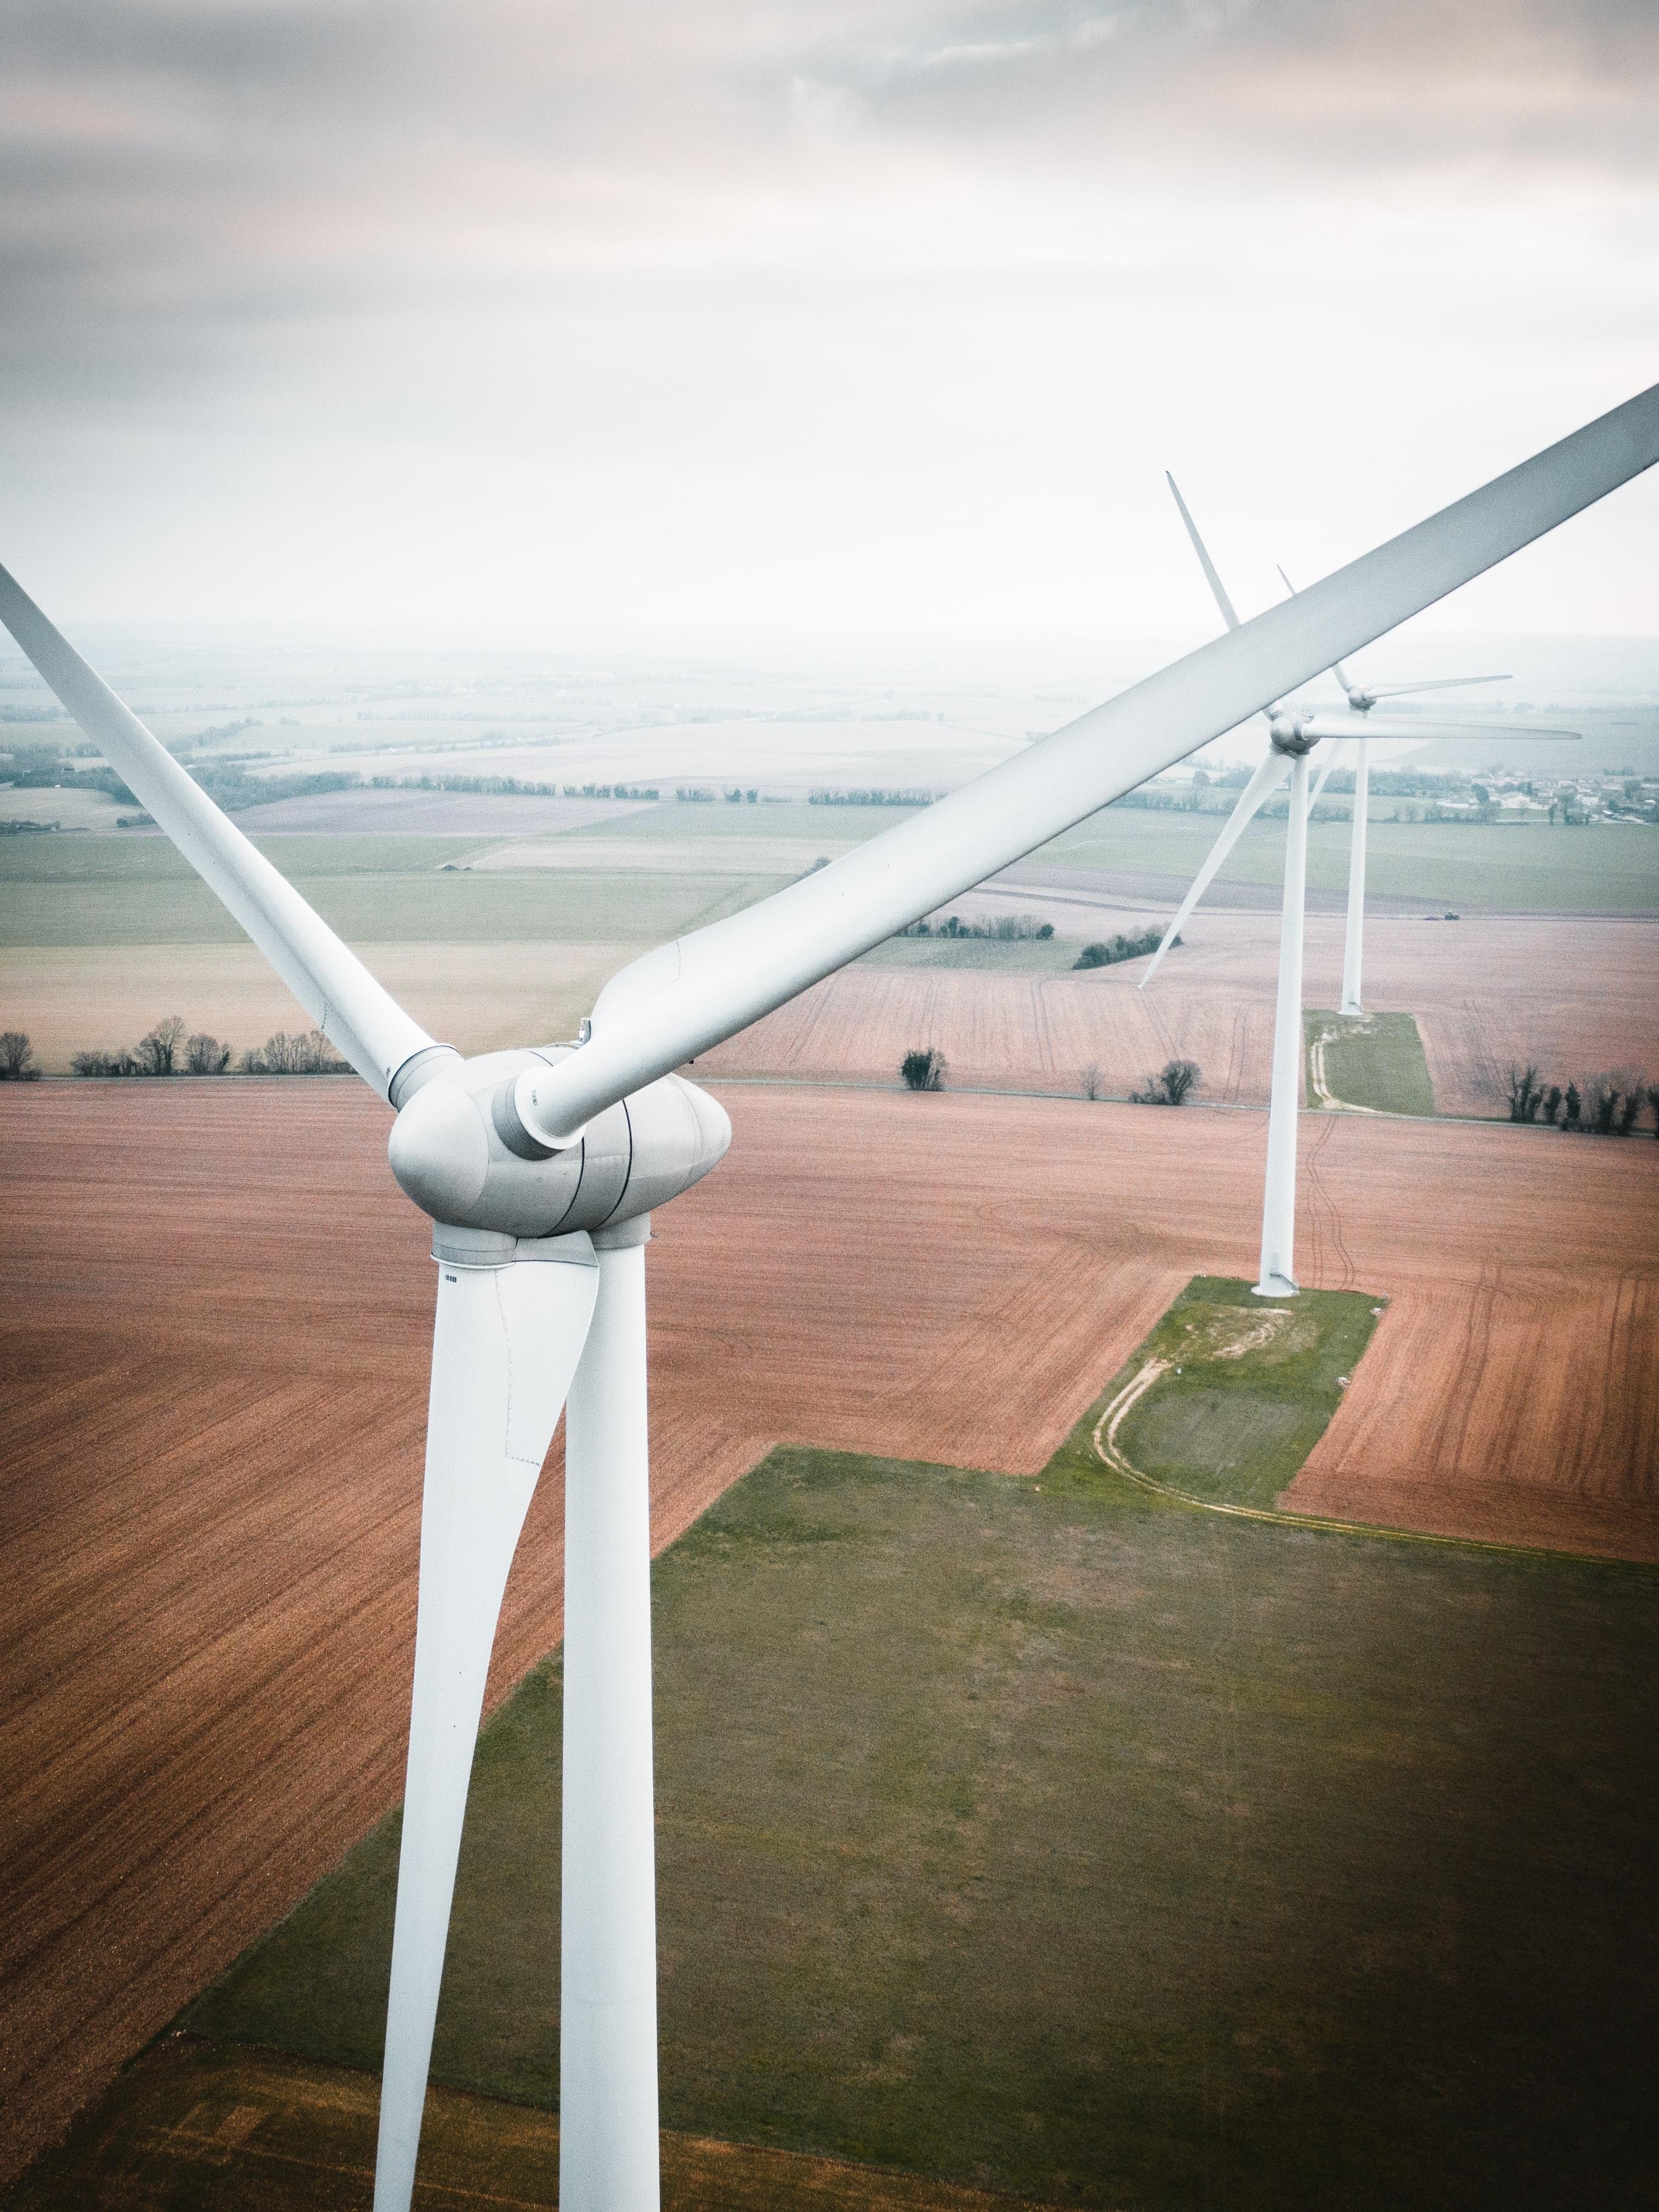 Wine turbines in a field